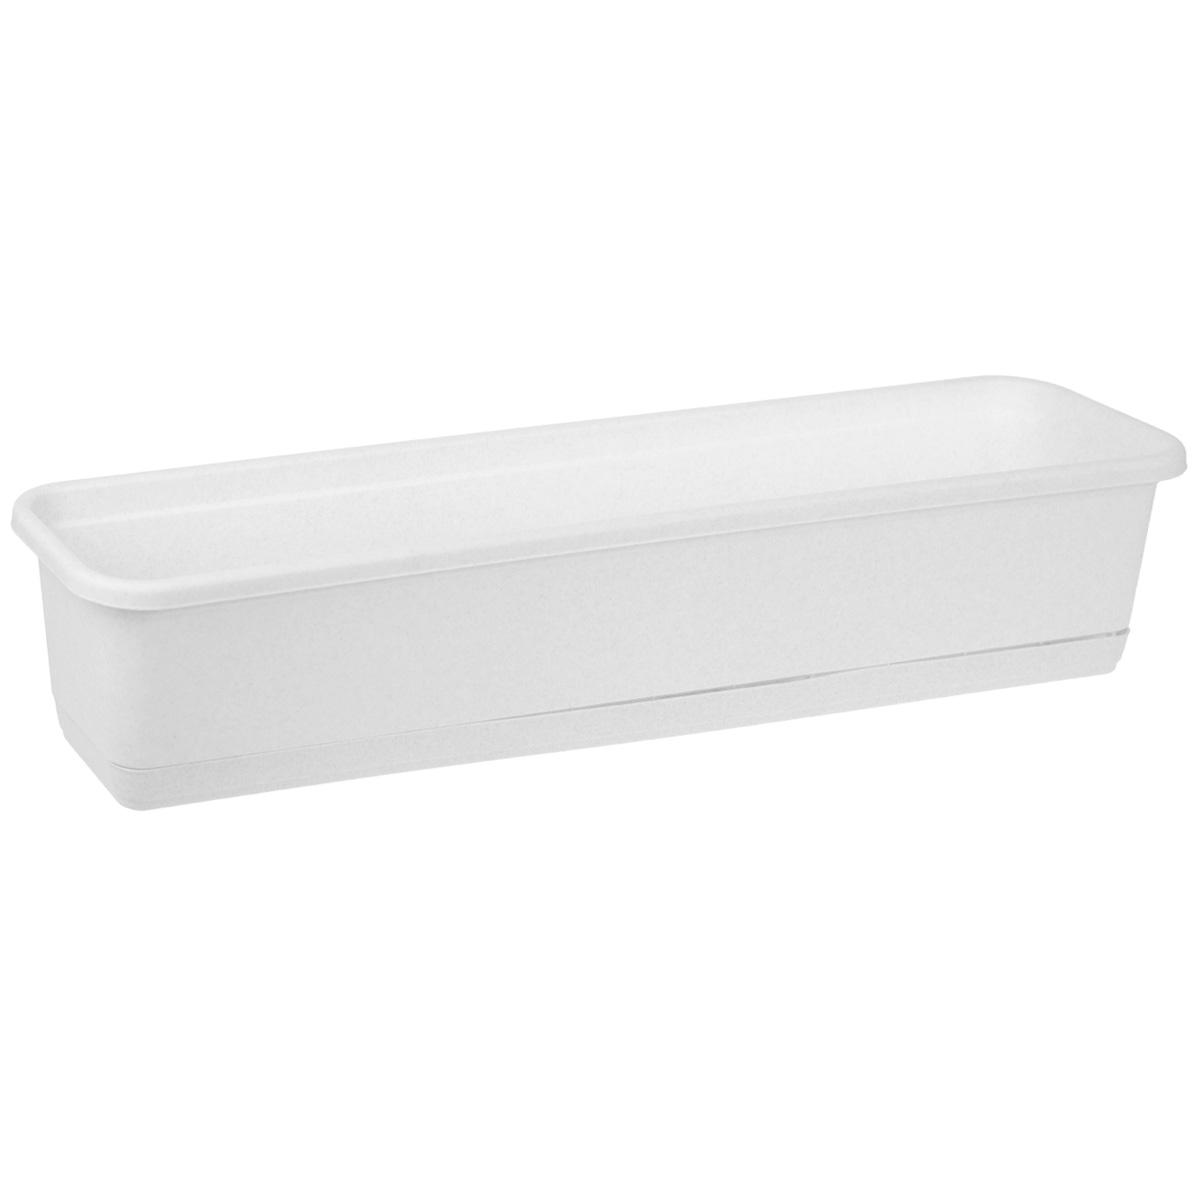 Балконный ящик Idea, цвет: мраморный, 80 см х 18 смМ 3222Балконный ящик Idea изготовлен из прочного полипропилена (пластика). Снабжен поддоном для стока воды.Изделие прекрасно подходит для выращивания рассады, растений и цветов в домашних условиях.